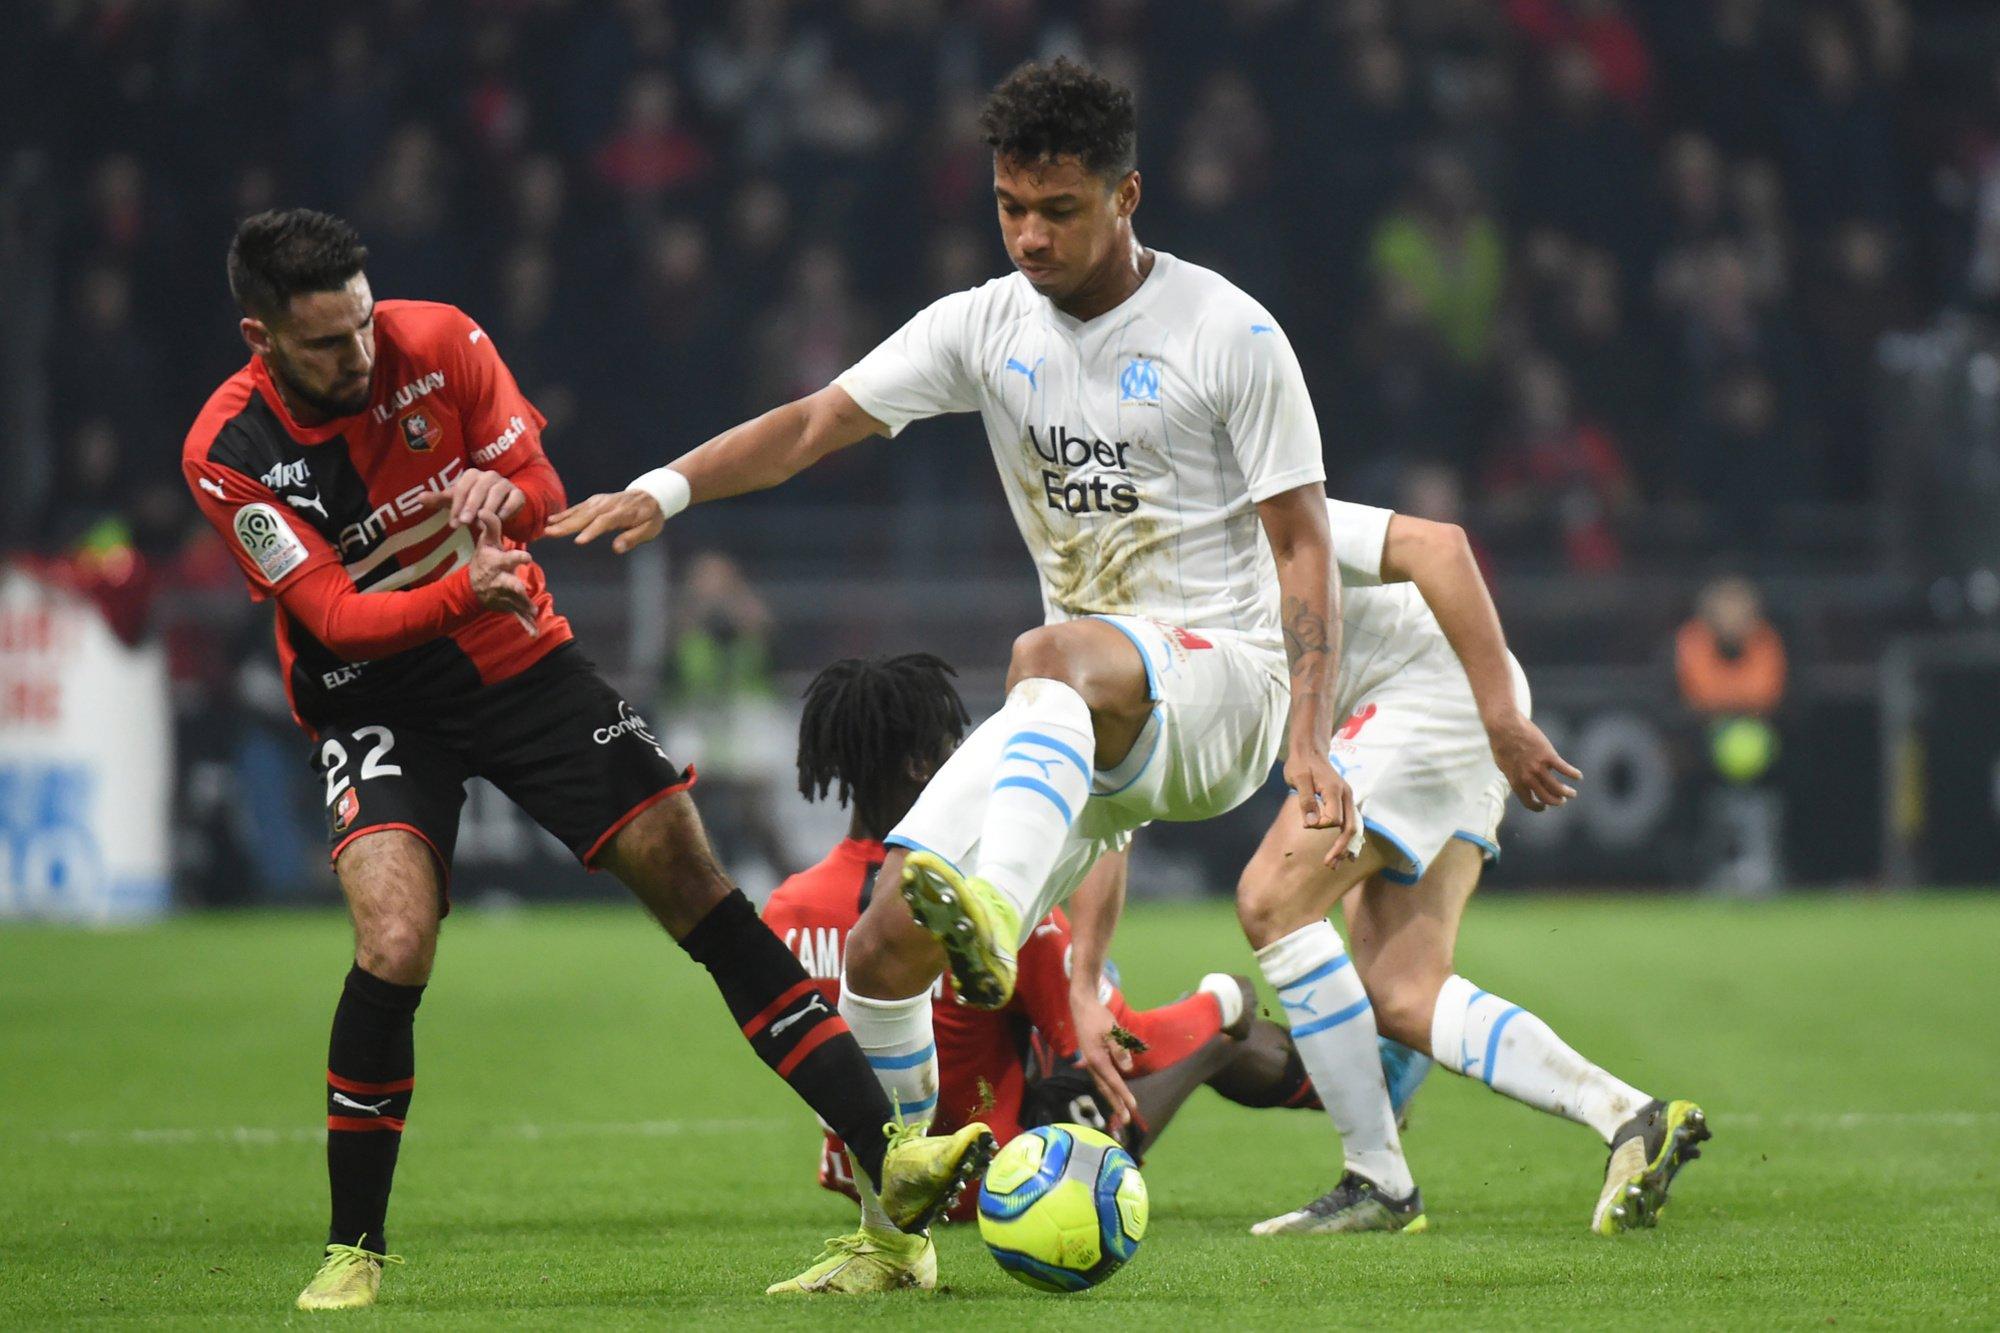 Au duel face à Rennes, BELGA/AFP